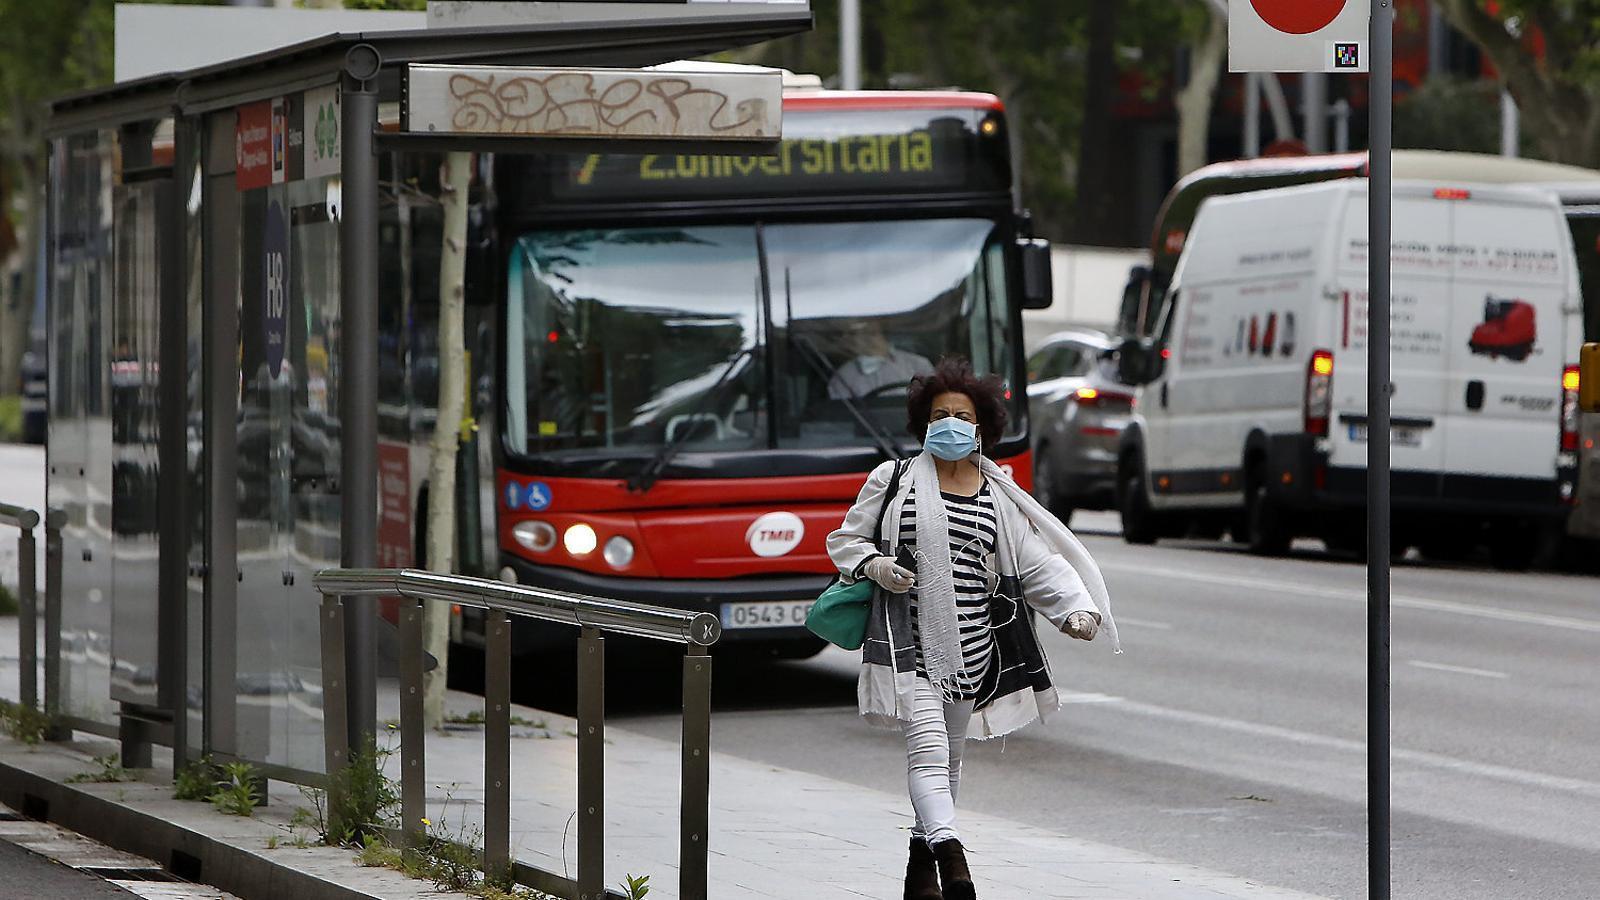 Els usuaris dels autobusos de TMB poden tornar a pujar-hi per la porta del davant.